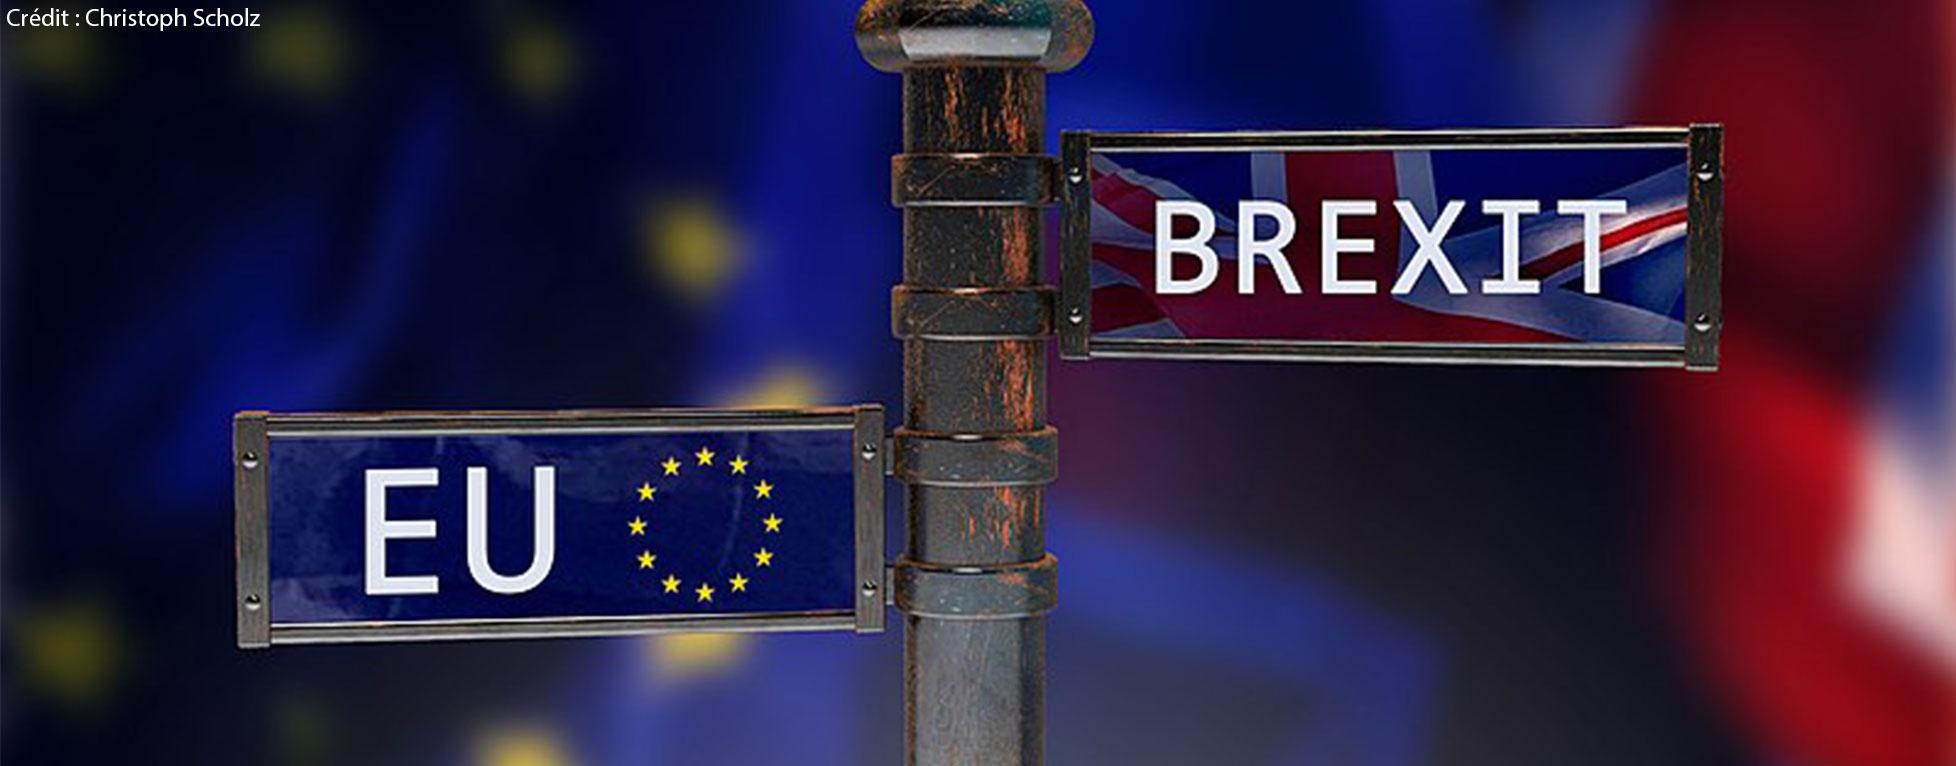 L'U.E., l'OTAN, l'UNESCO : ces organisations tantôt rejetées, tantôt adulées